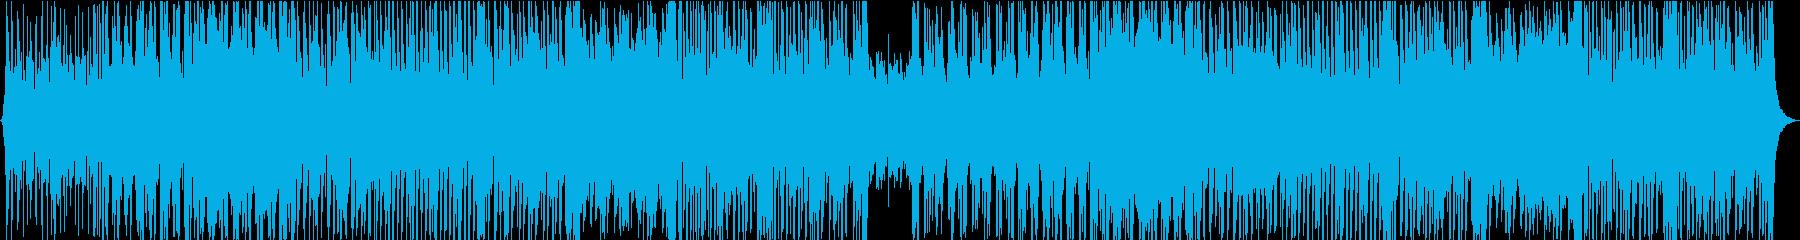 和オーケストラ_演舞曲の再生済みの波形